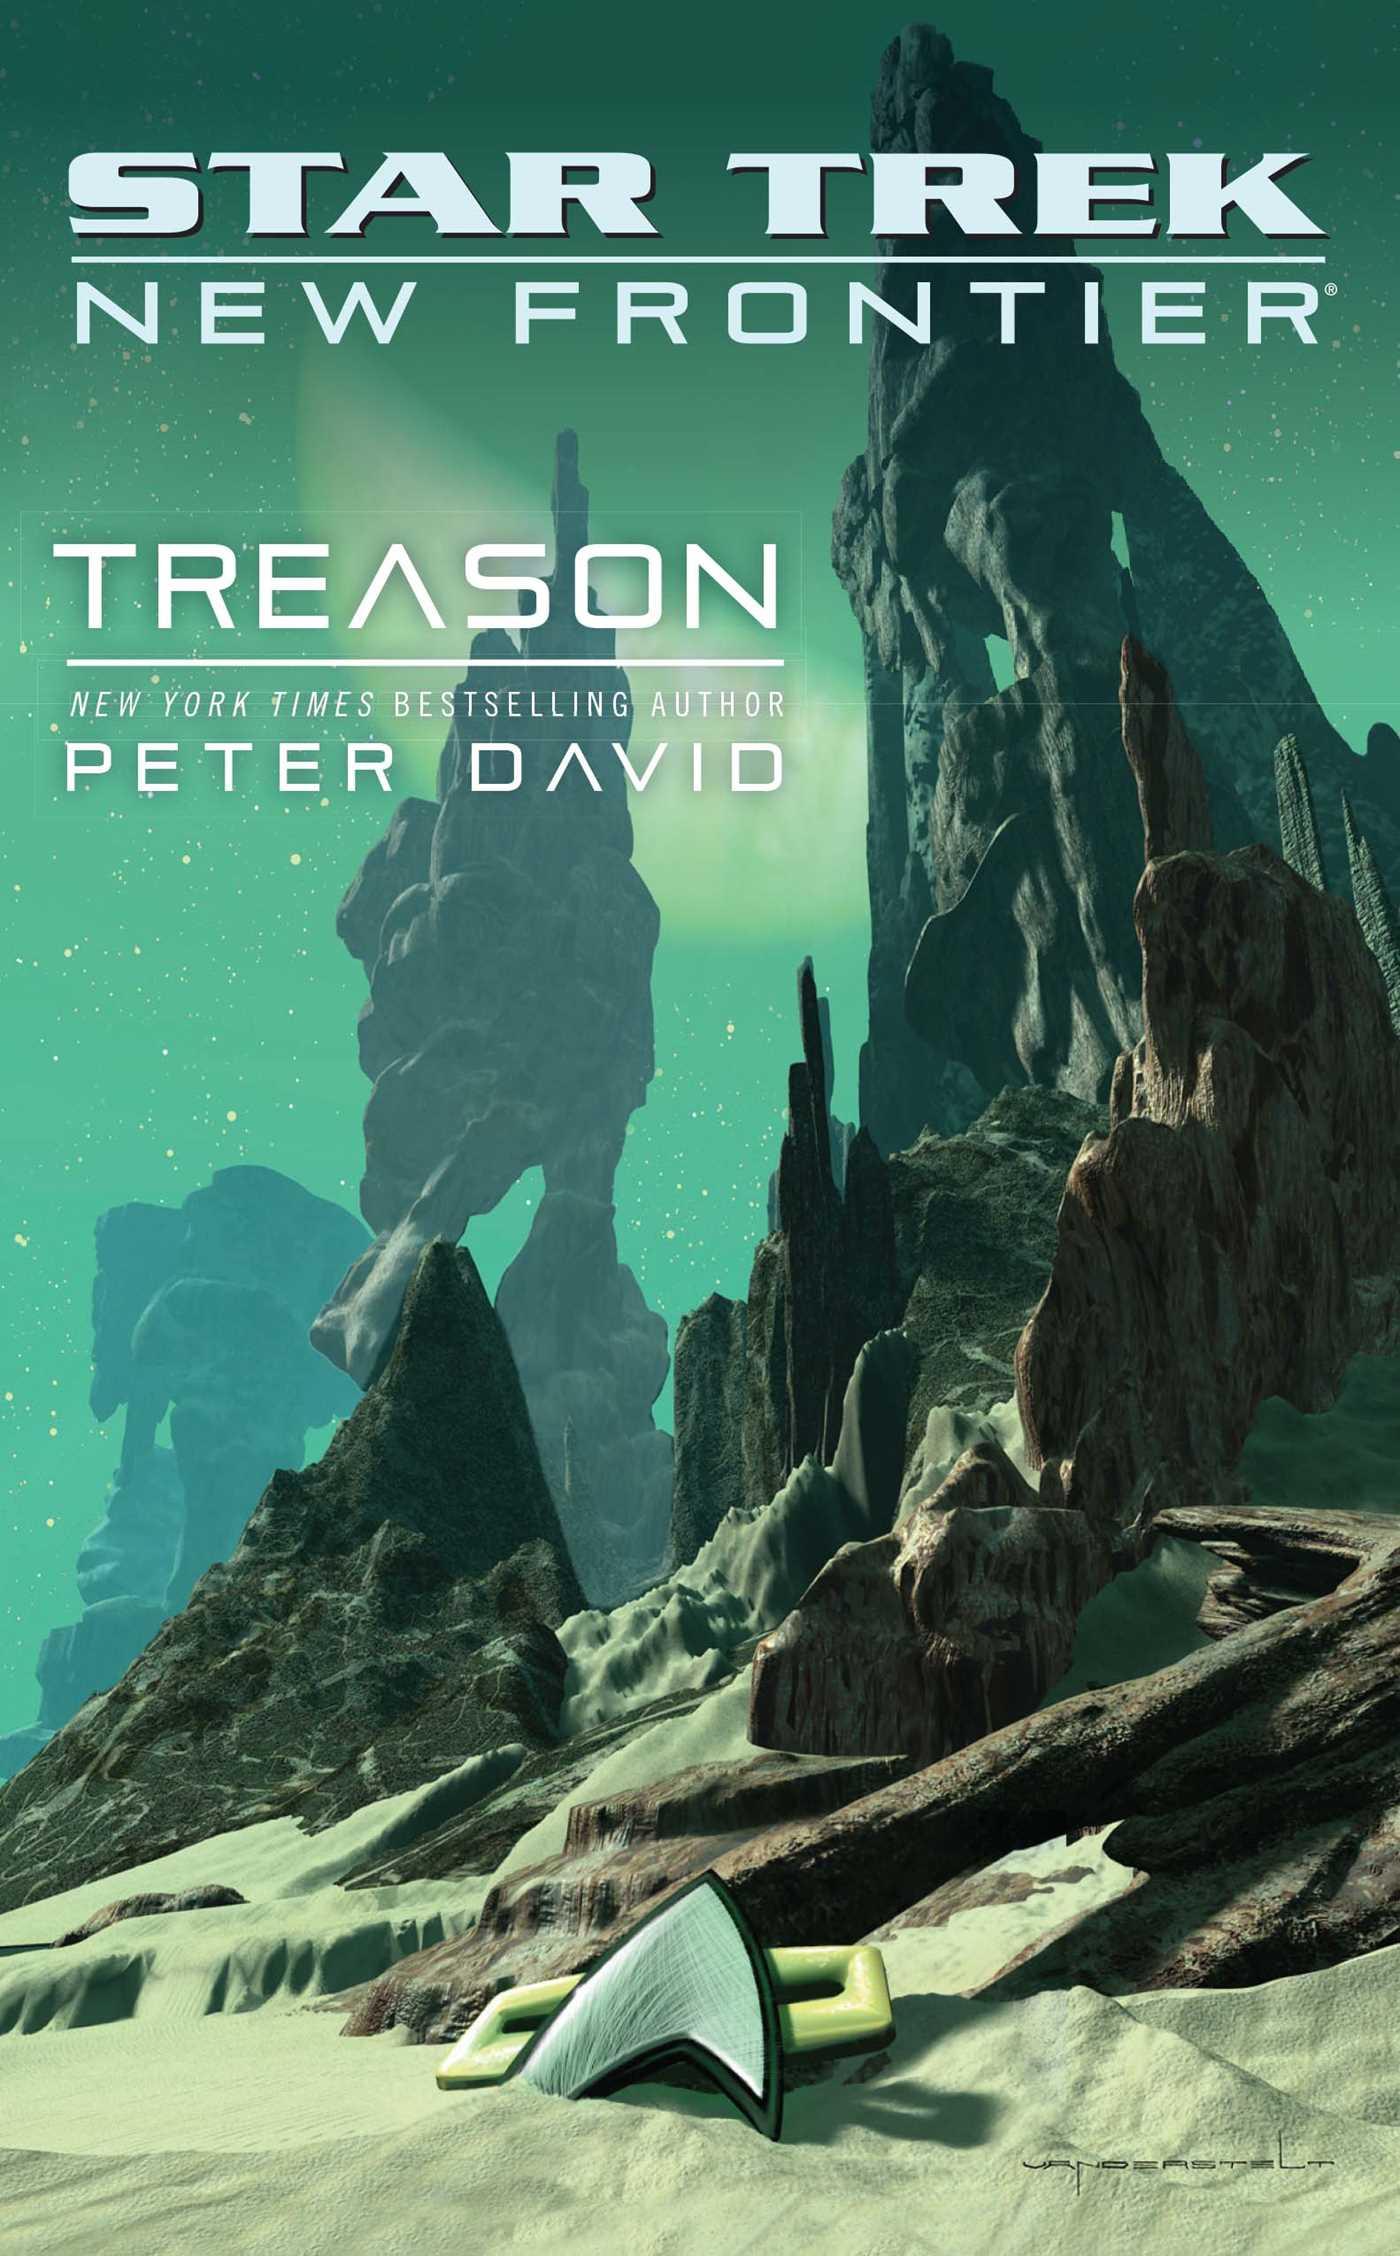 Star trek new frontier treason 9781439123393 hr